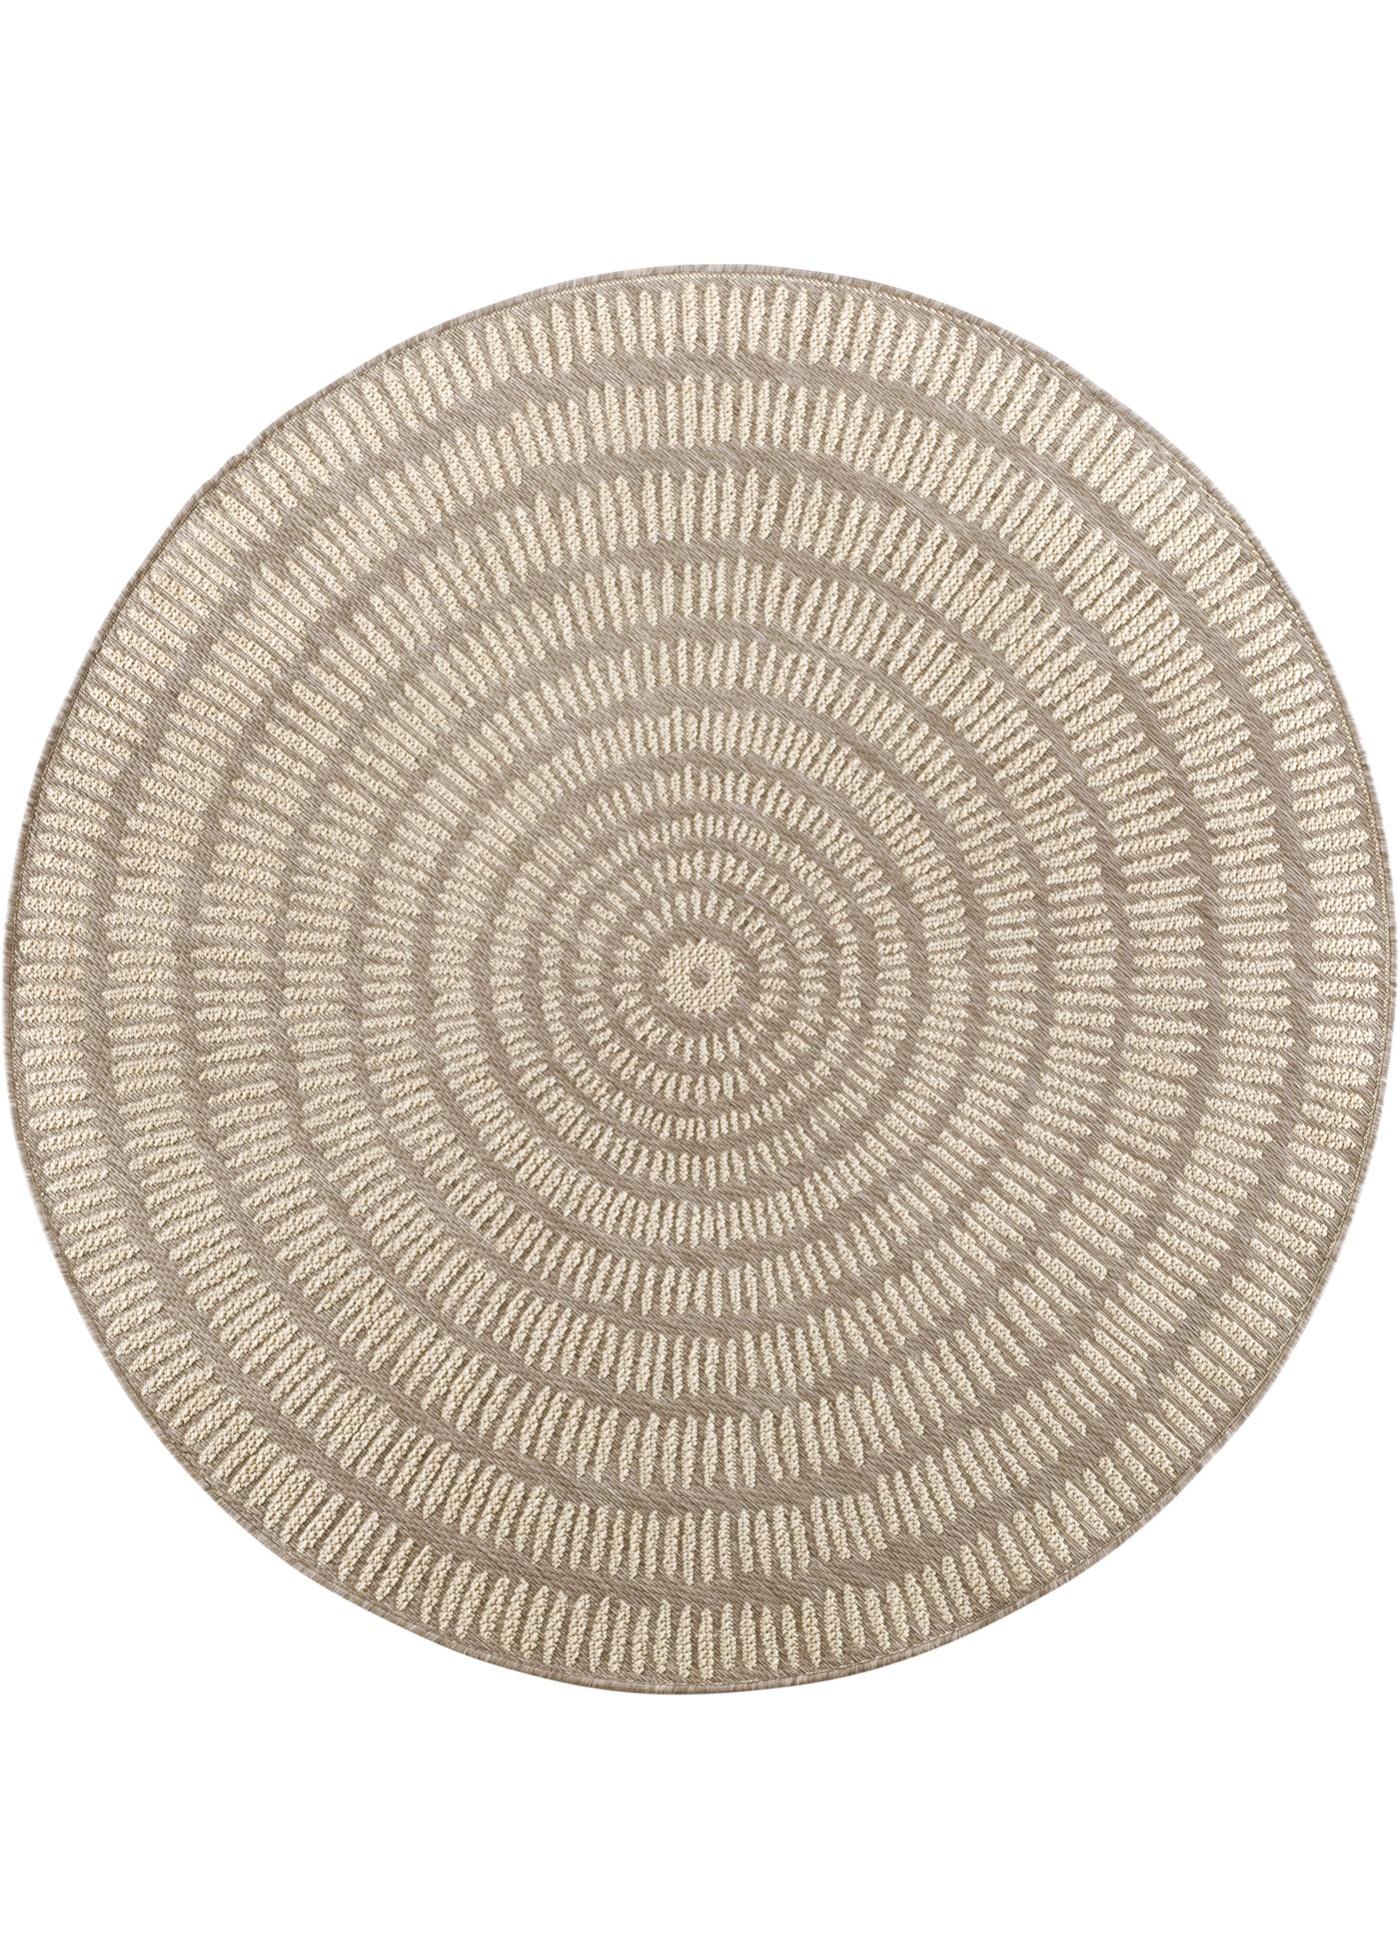 Teppich Kathi rund